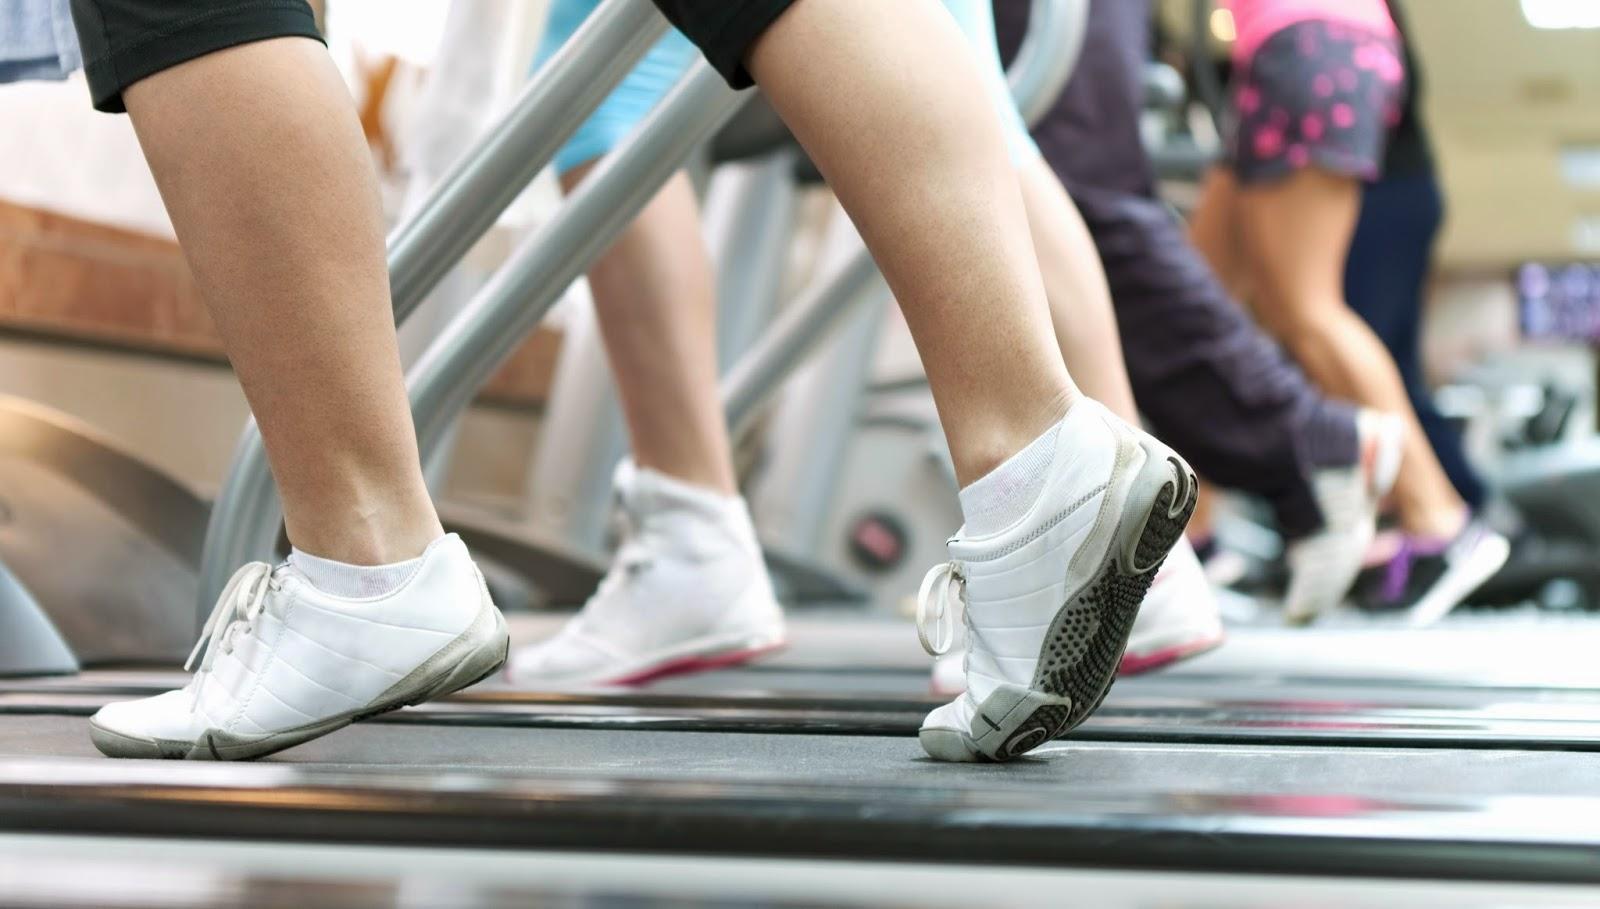 mengenal-treadmill-dan-jenisnya-dalam-olahraga-fitnes.html